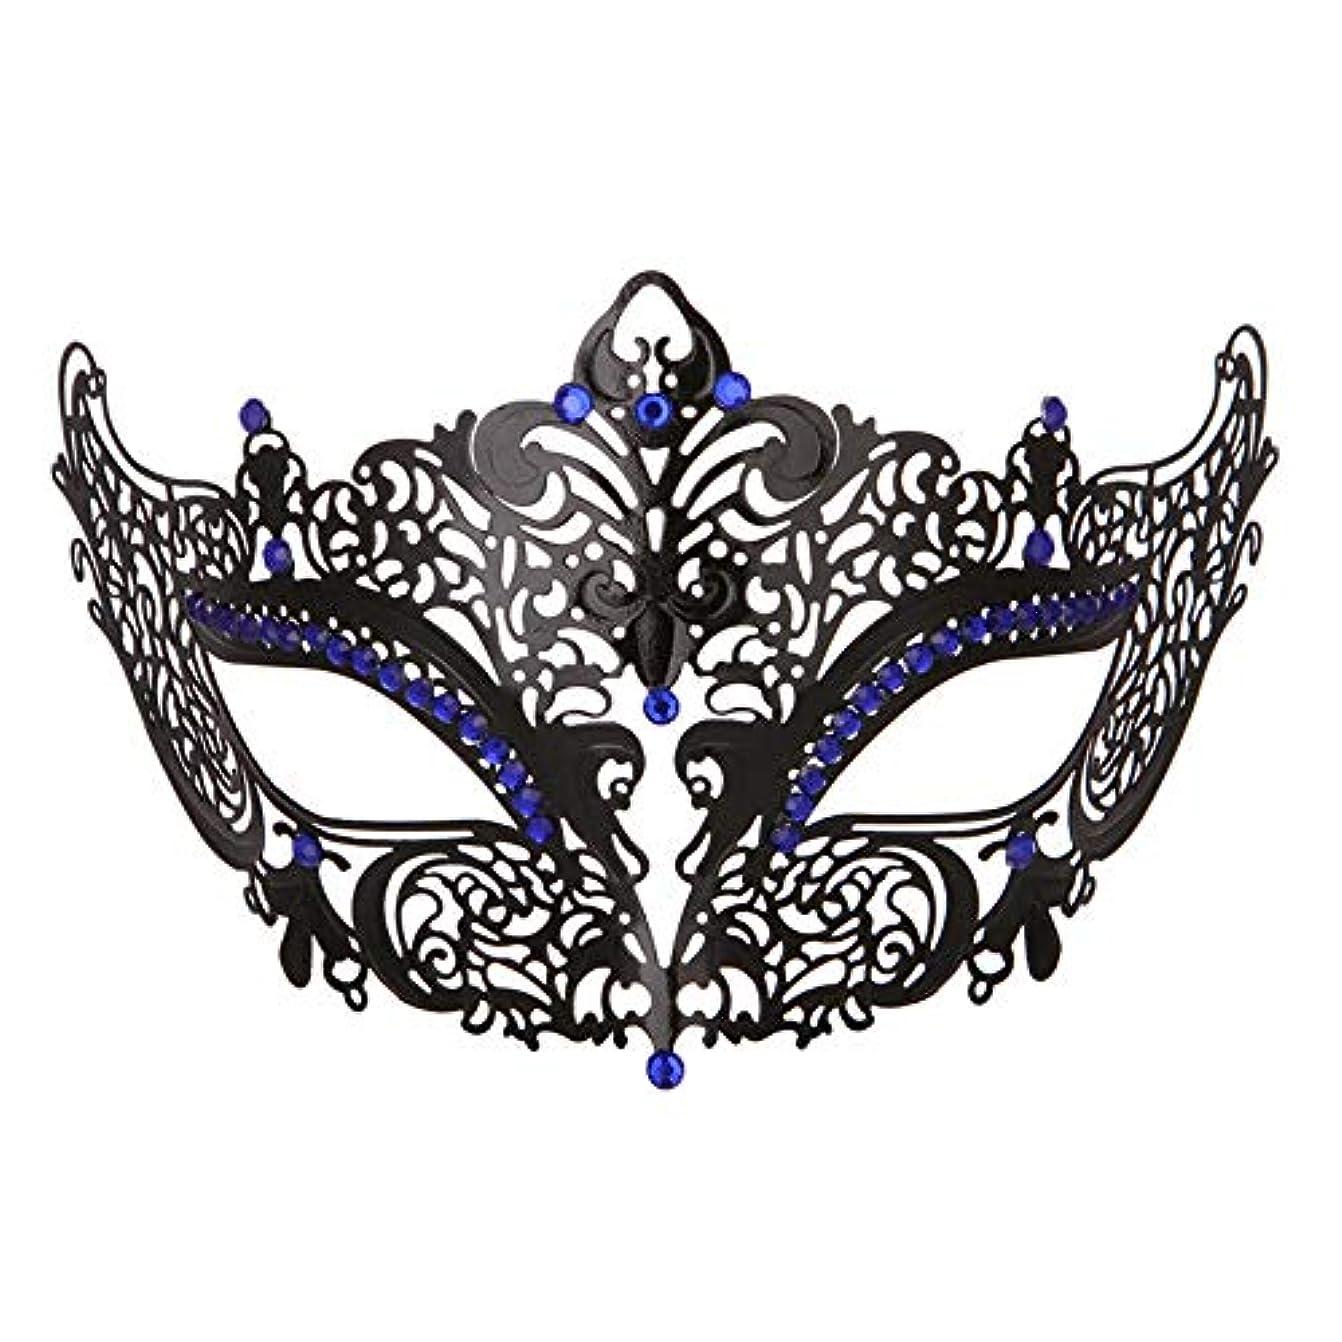 偏見かもめスリルダンスマスク 高級金属鉄マスク女性美少女中空ハーフフェイスファッションナイトクラブパーティー仮面舞踏会マスク ホリデーパーティー用品 (色 : 青, サイズ : 19x8cm)